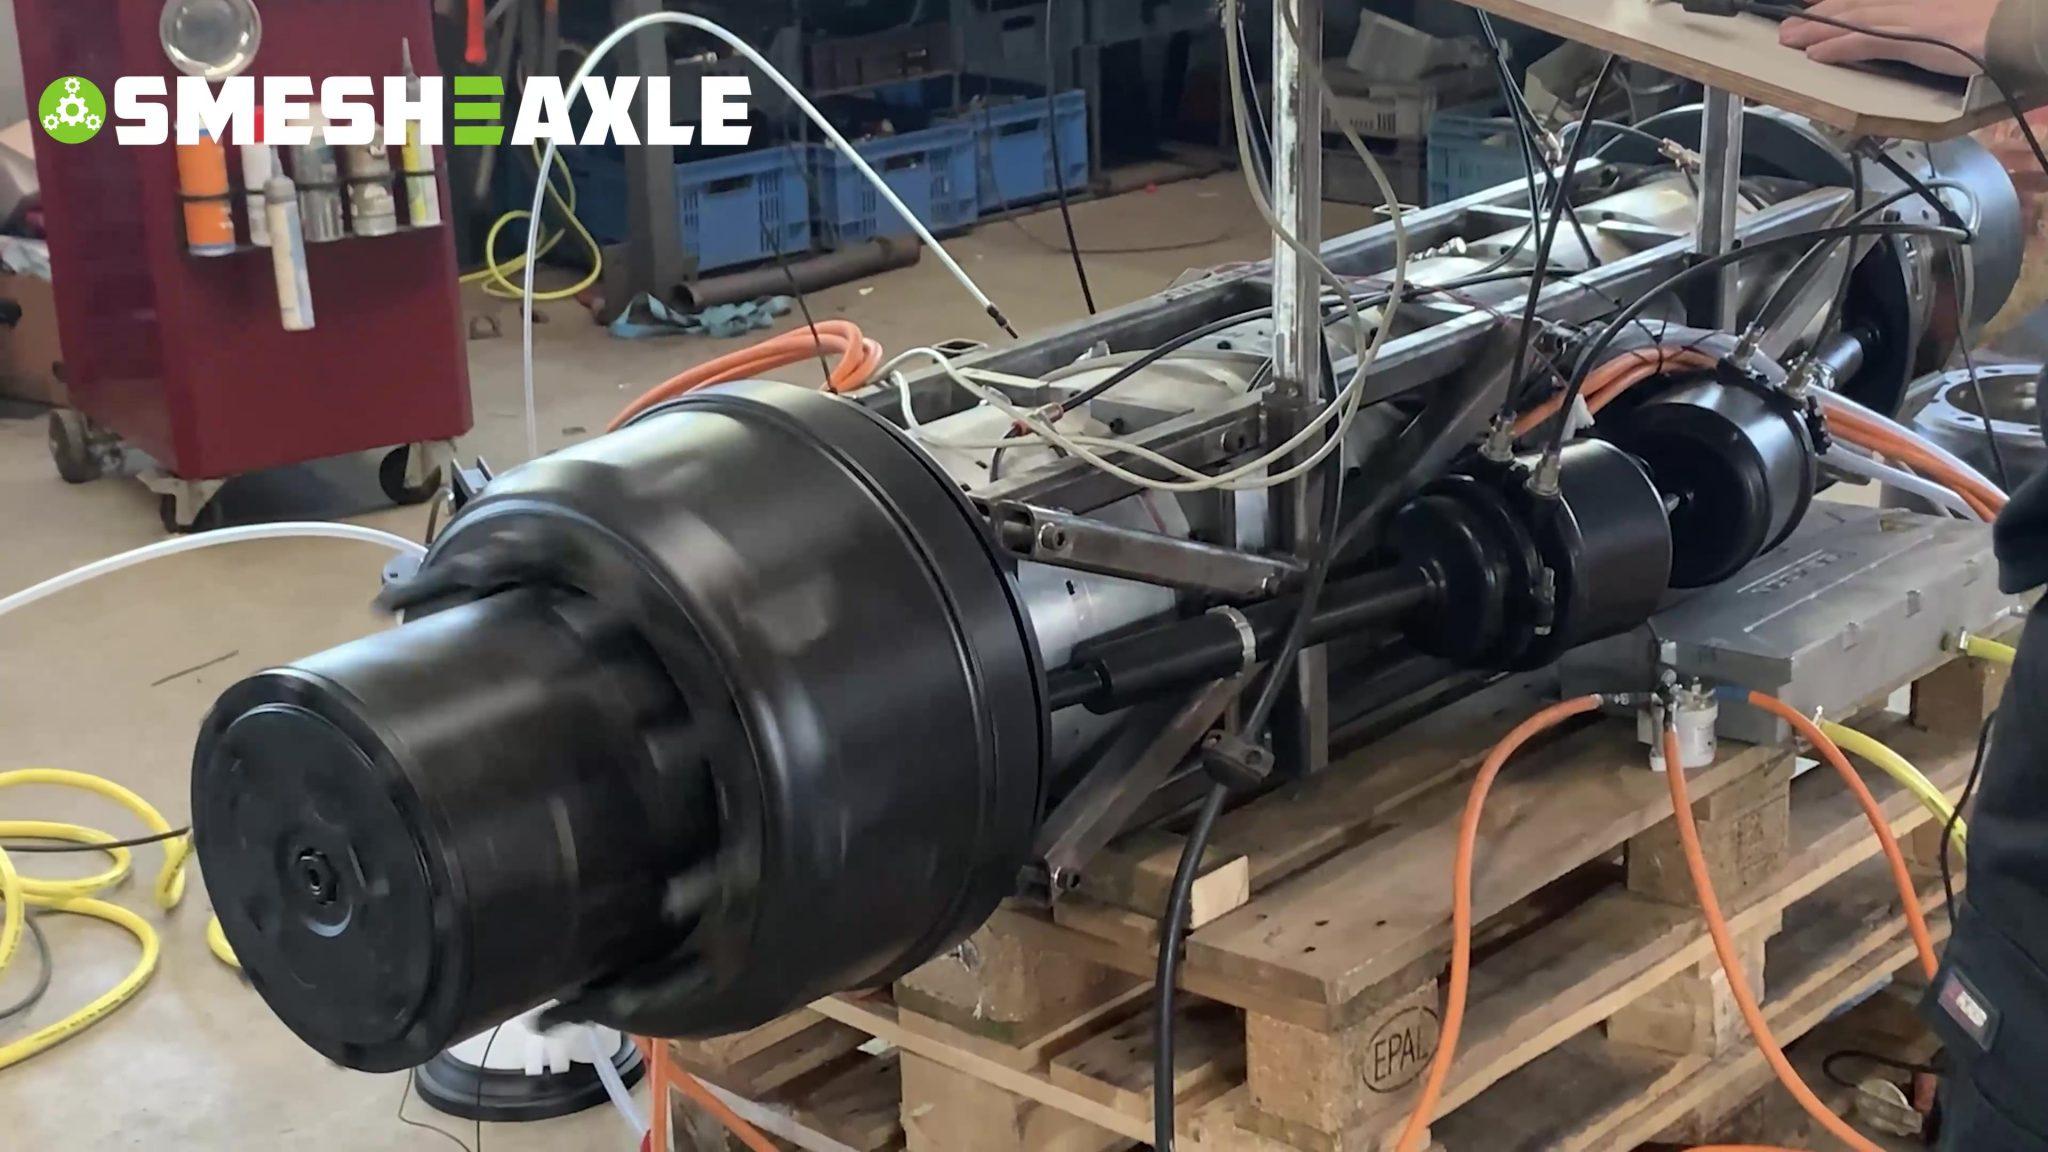 The sound of Smesh-E-Axle